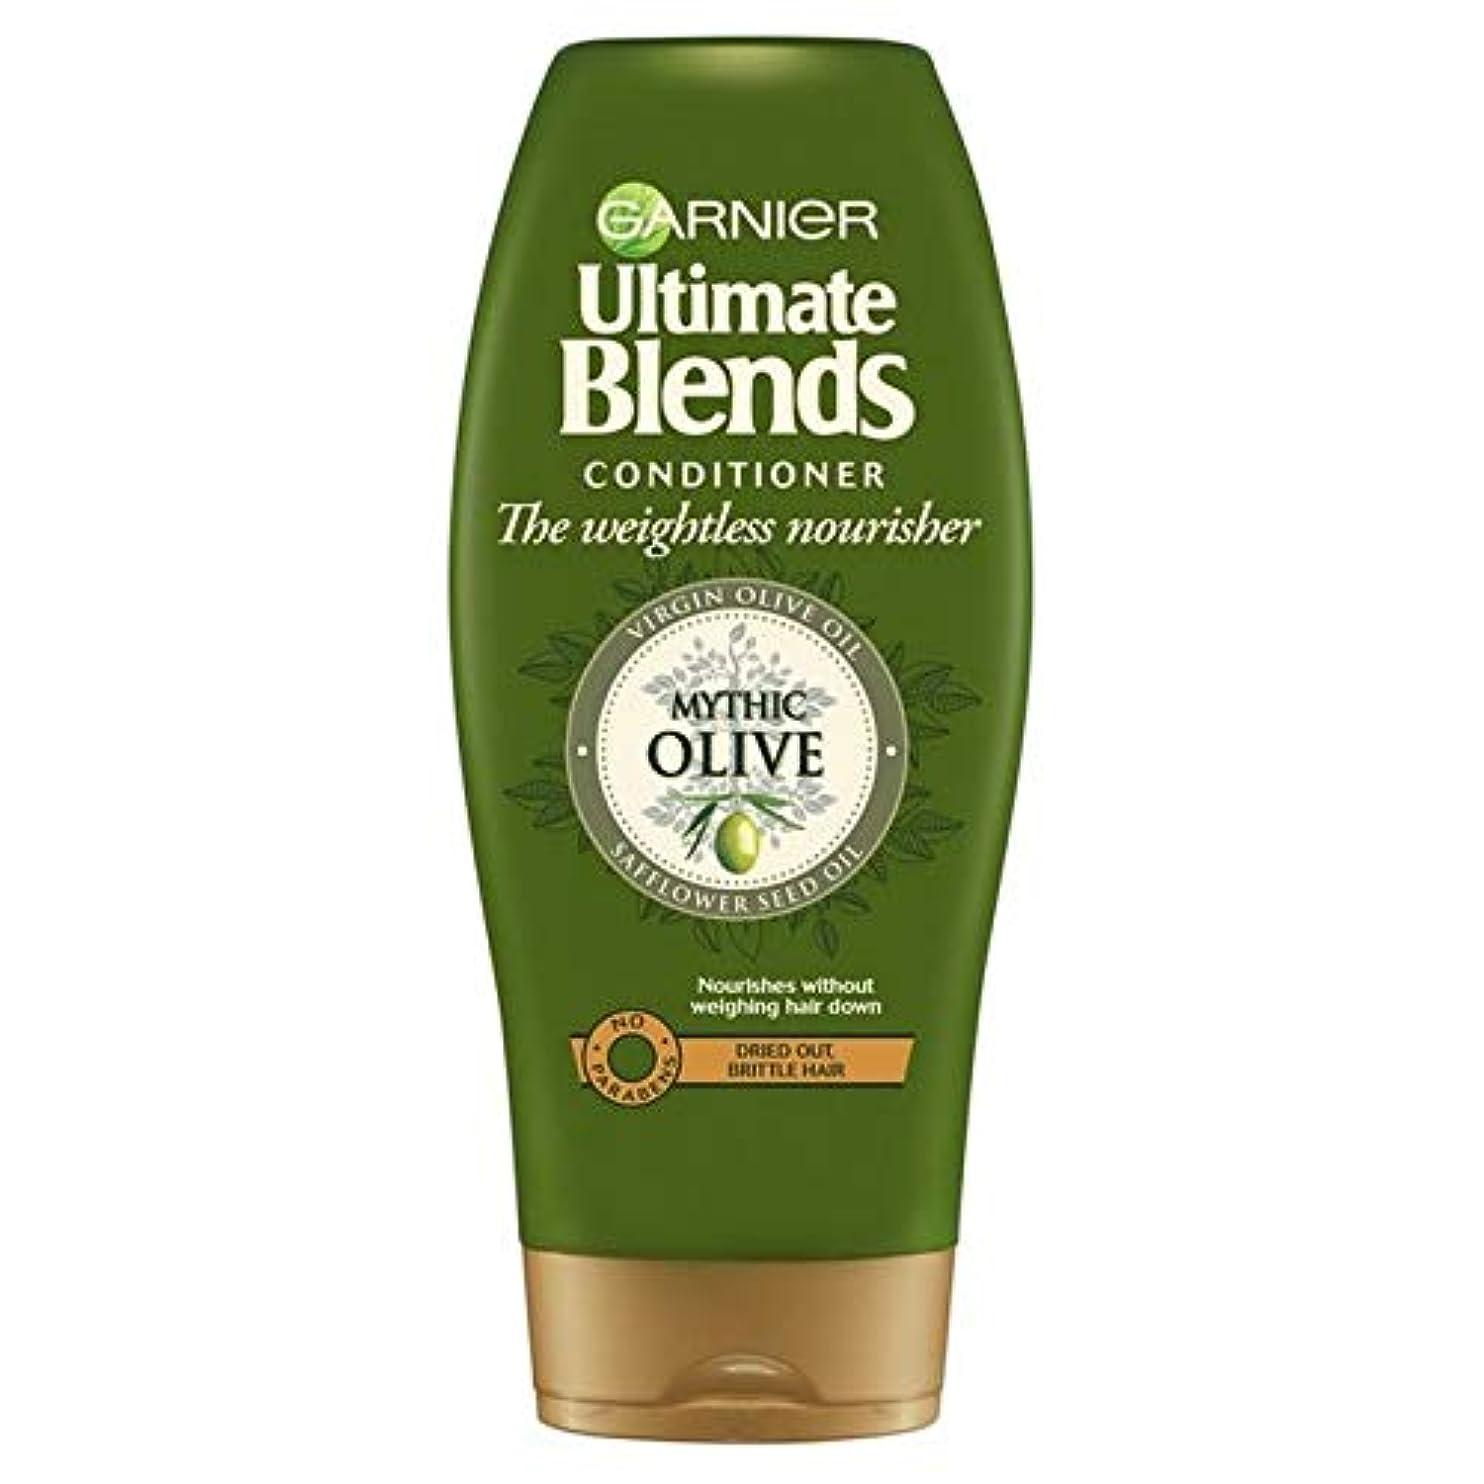 曲がったこどもセンターチューリップ[Garnier ] ガルニエ究極のオリーブオイルドライヘアコンディショナー360ミリリットルをブレンド - Garnier Ultimate Blends Olive Oil Dry Hair Conditioner...